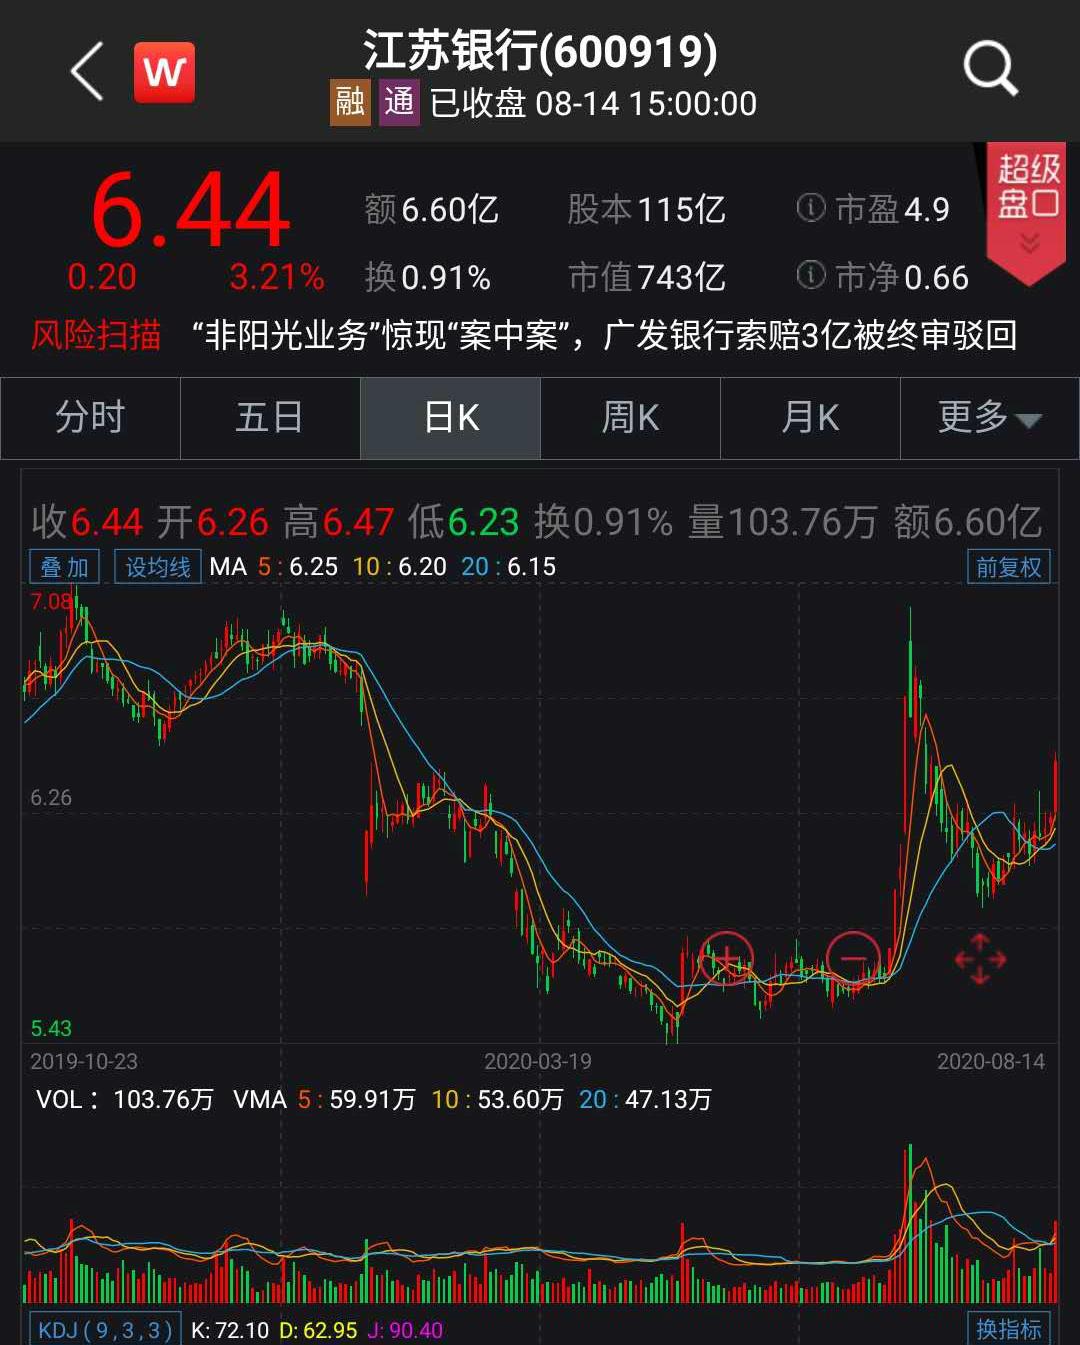 江苏银行揭上市银行半年报序幕 六大行8月最后三天公布